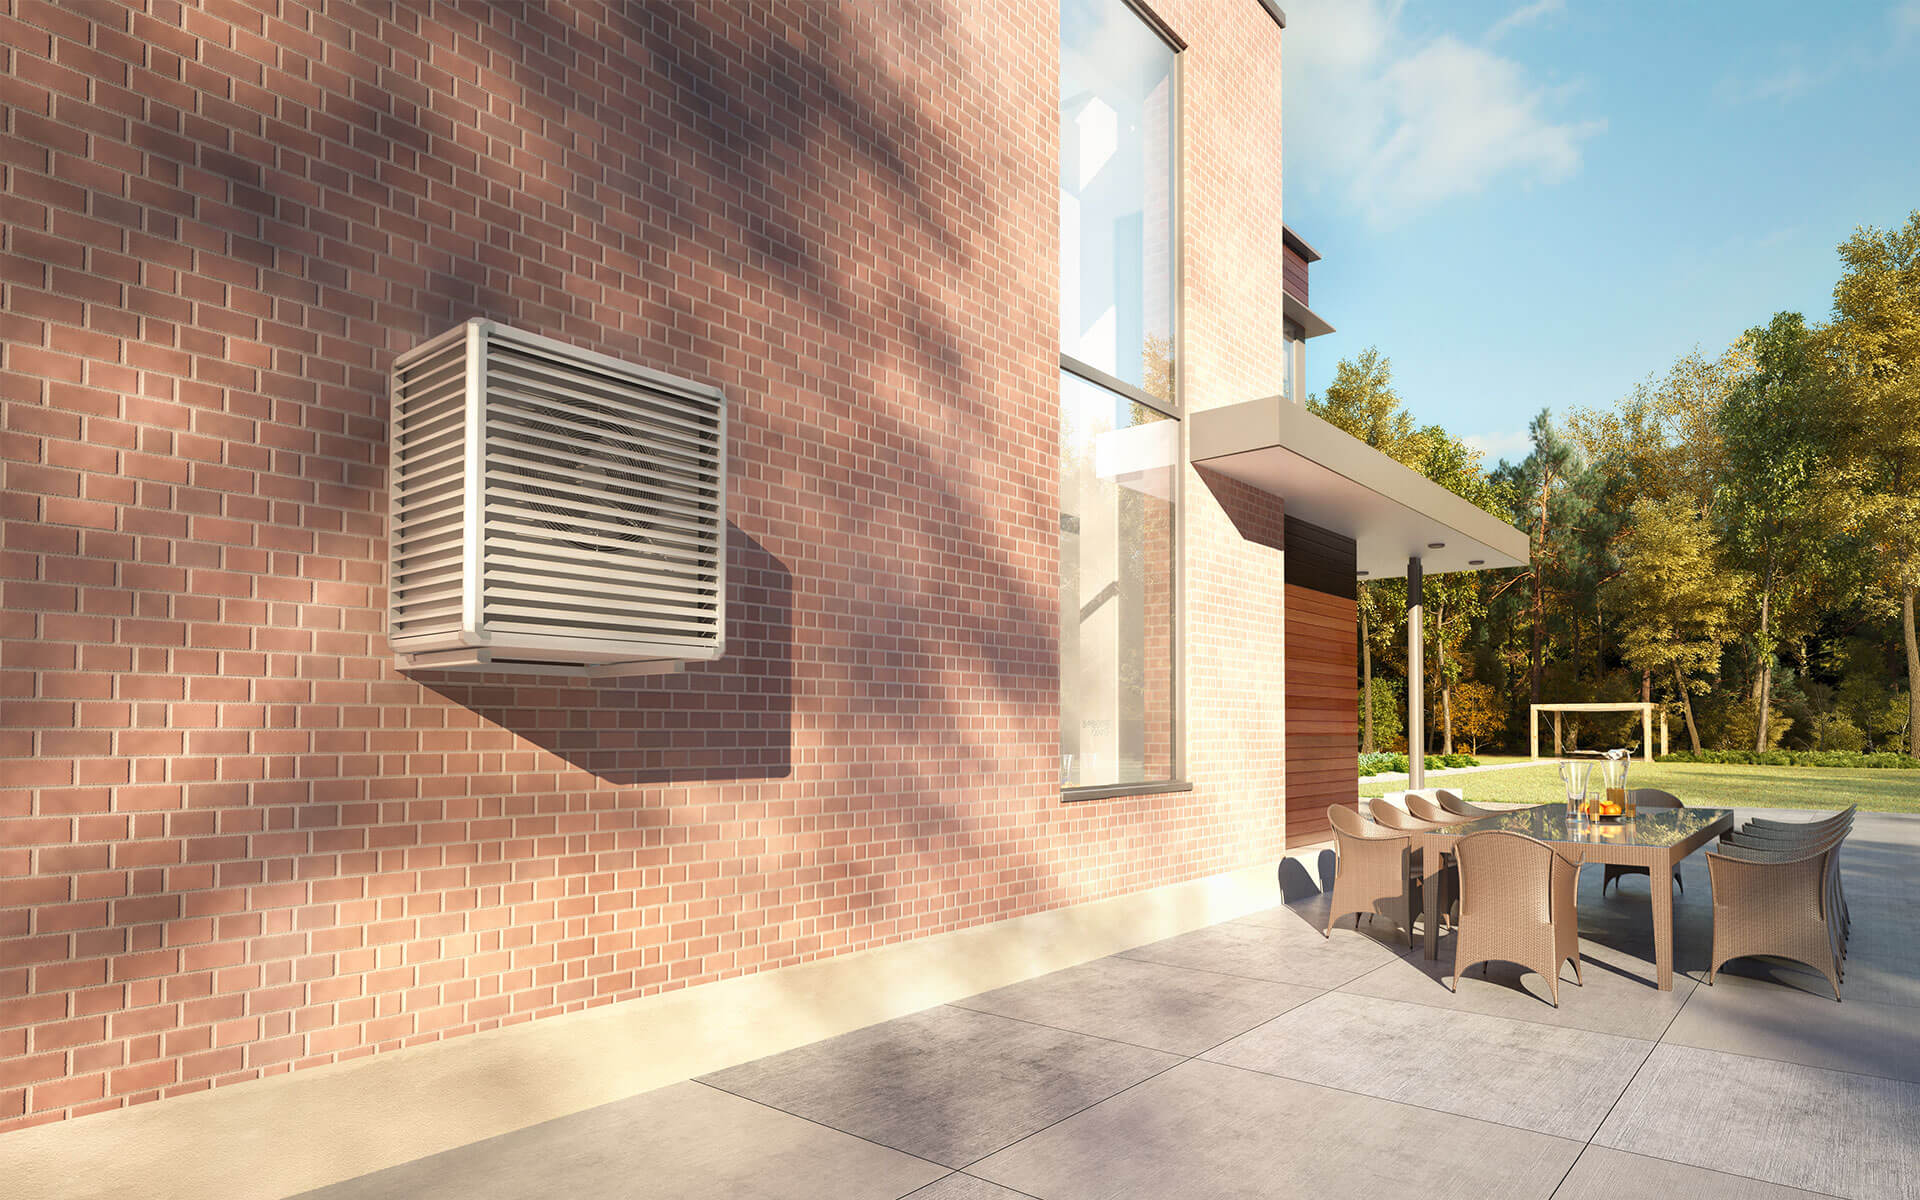 Vizualizácia tepelného čerpadla - vonkajšia jednotka vzduch - voda